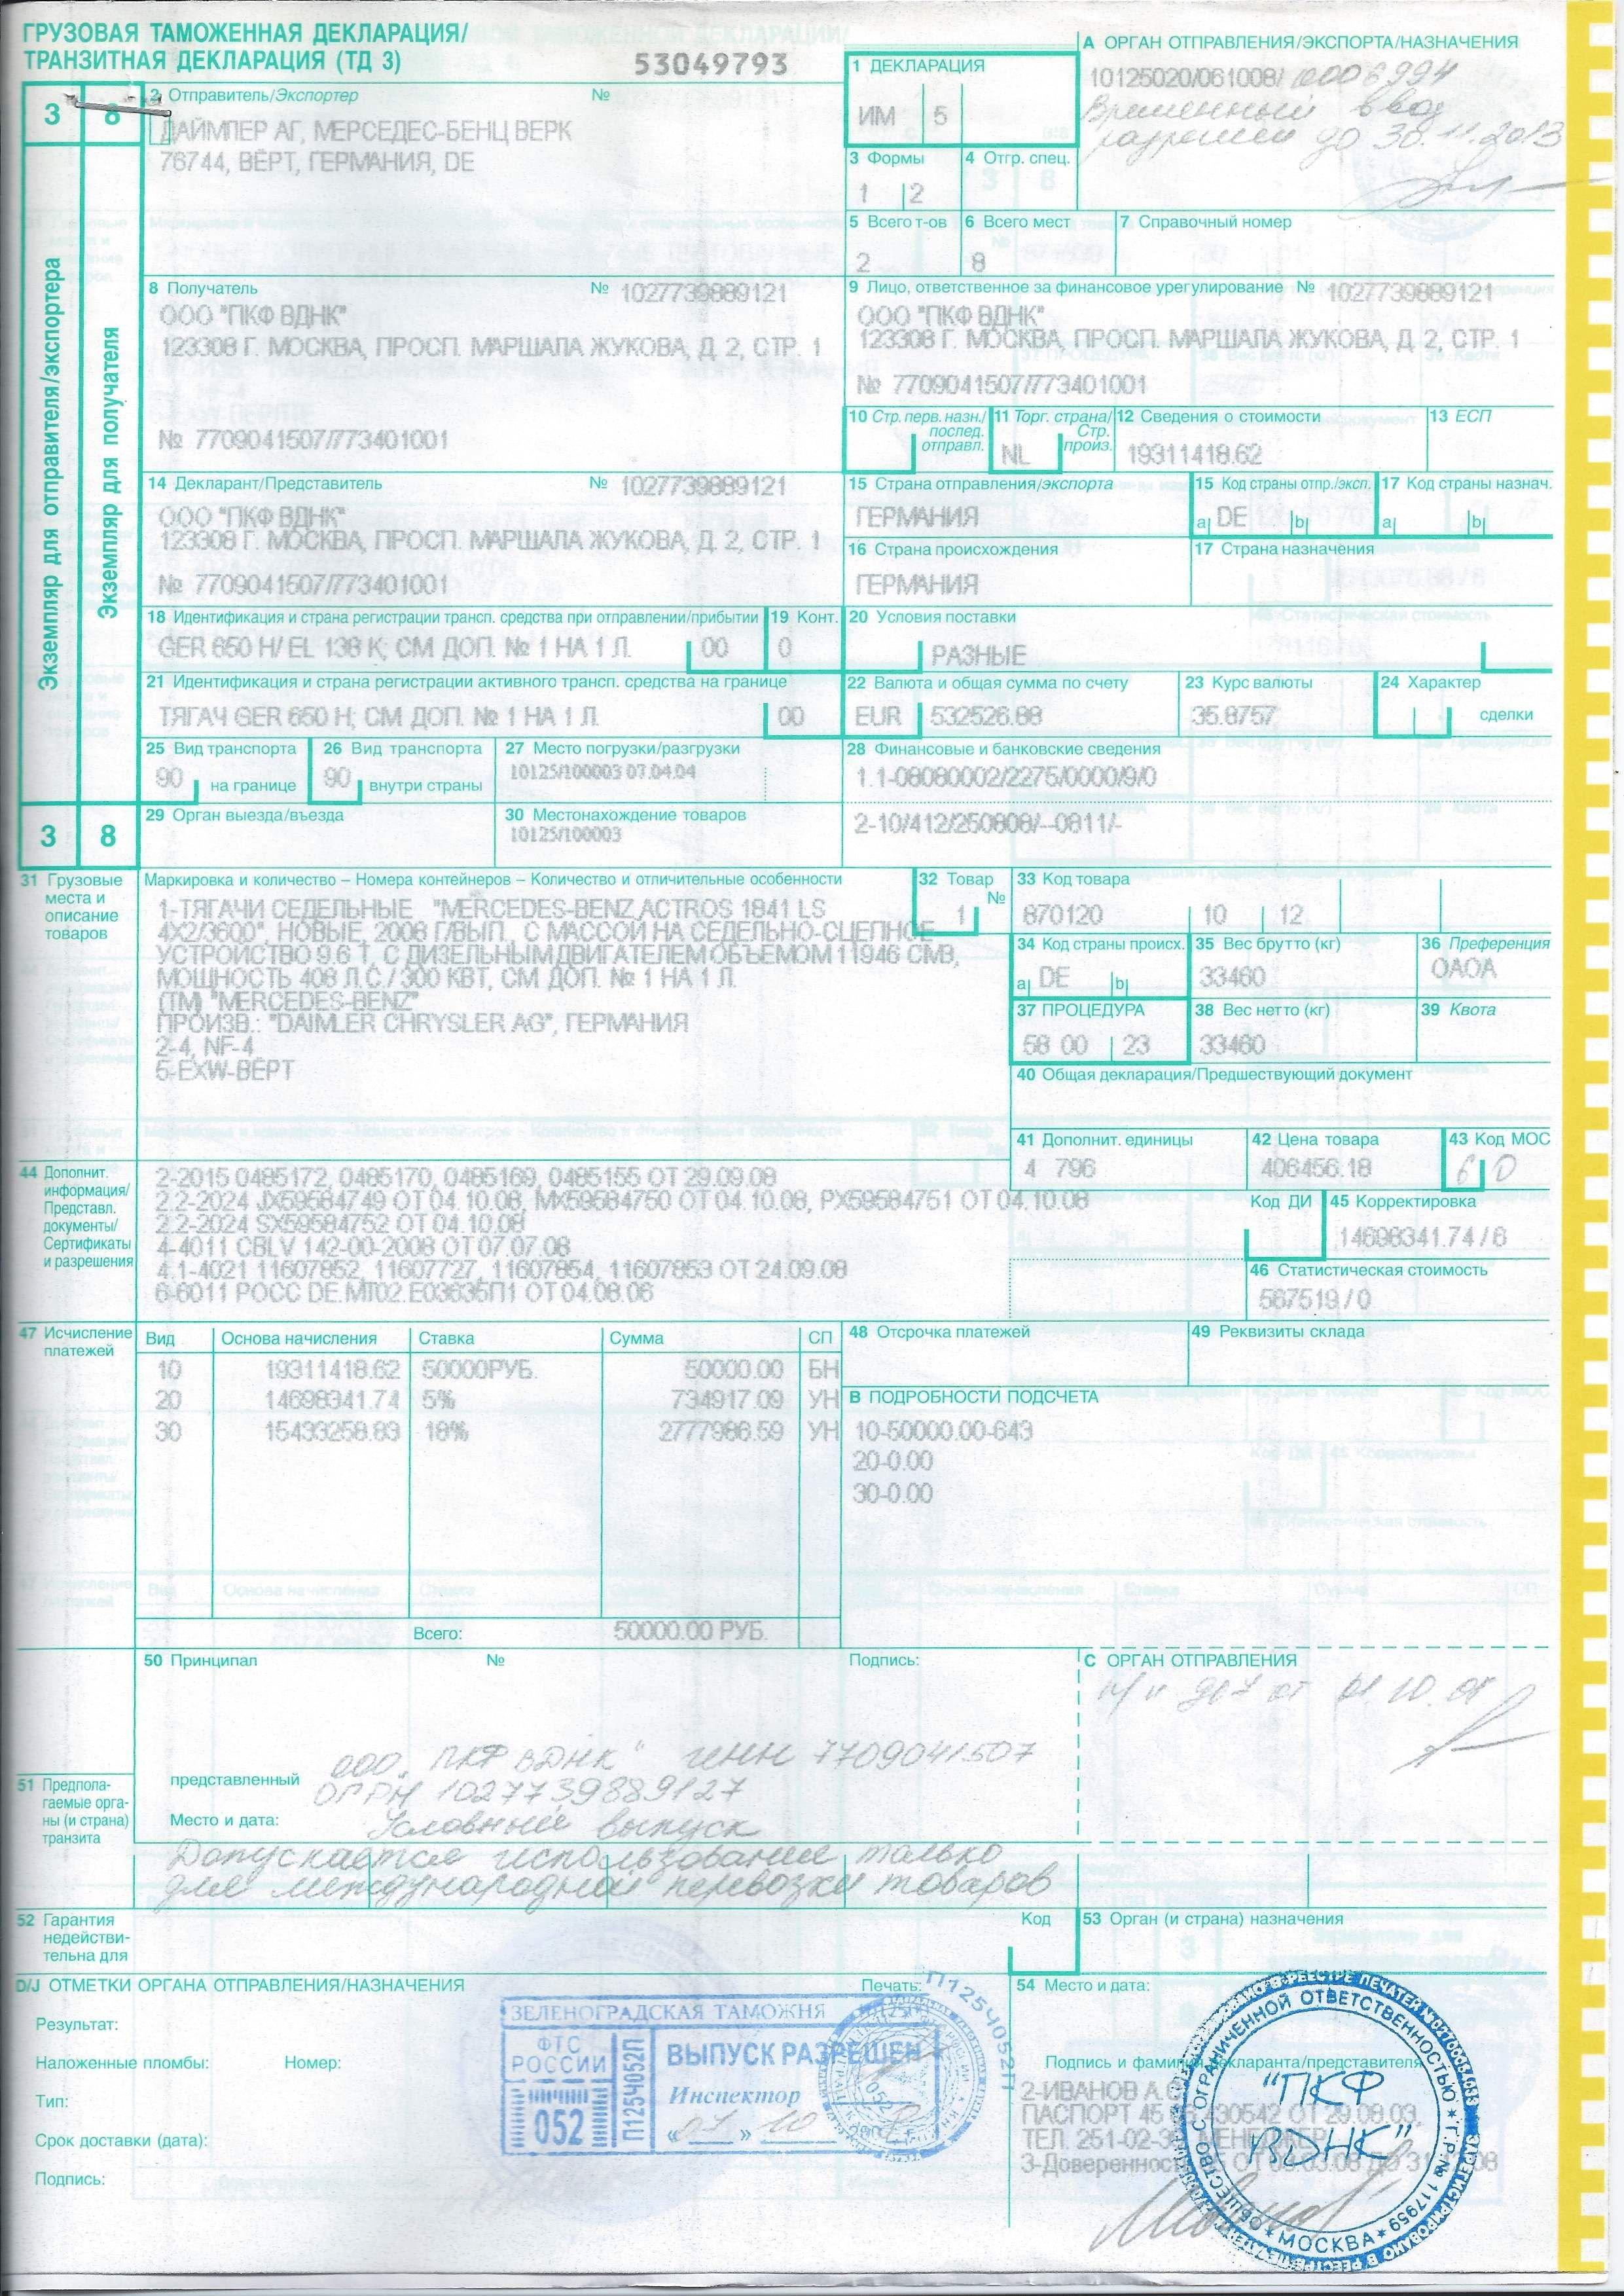 Рабочая Инструкция Водителя Автотранспортных Средств Rar